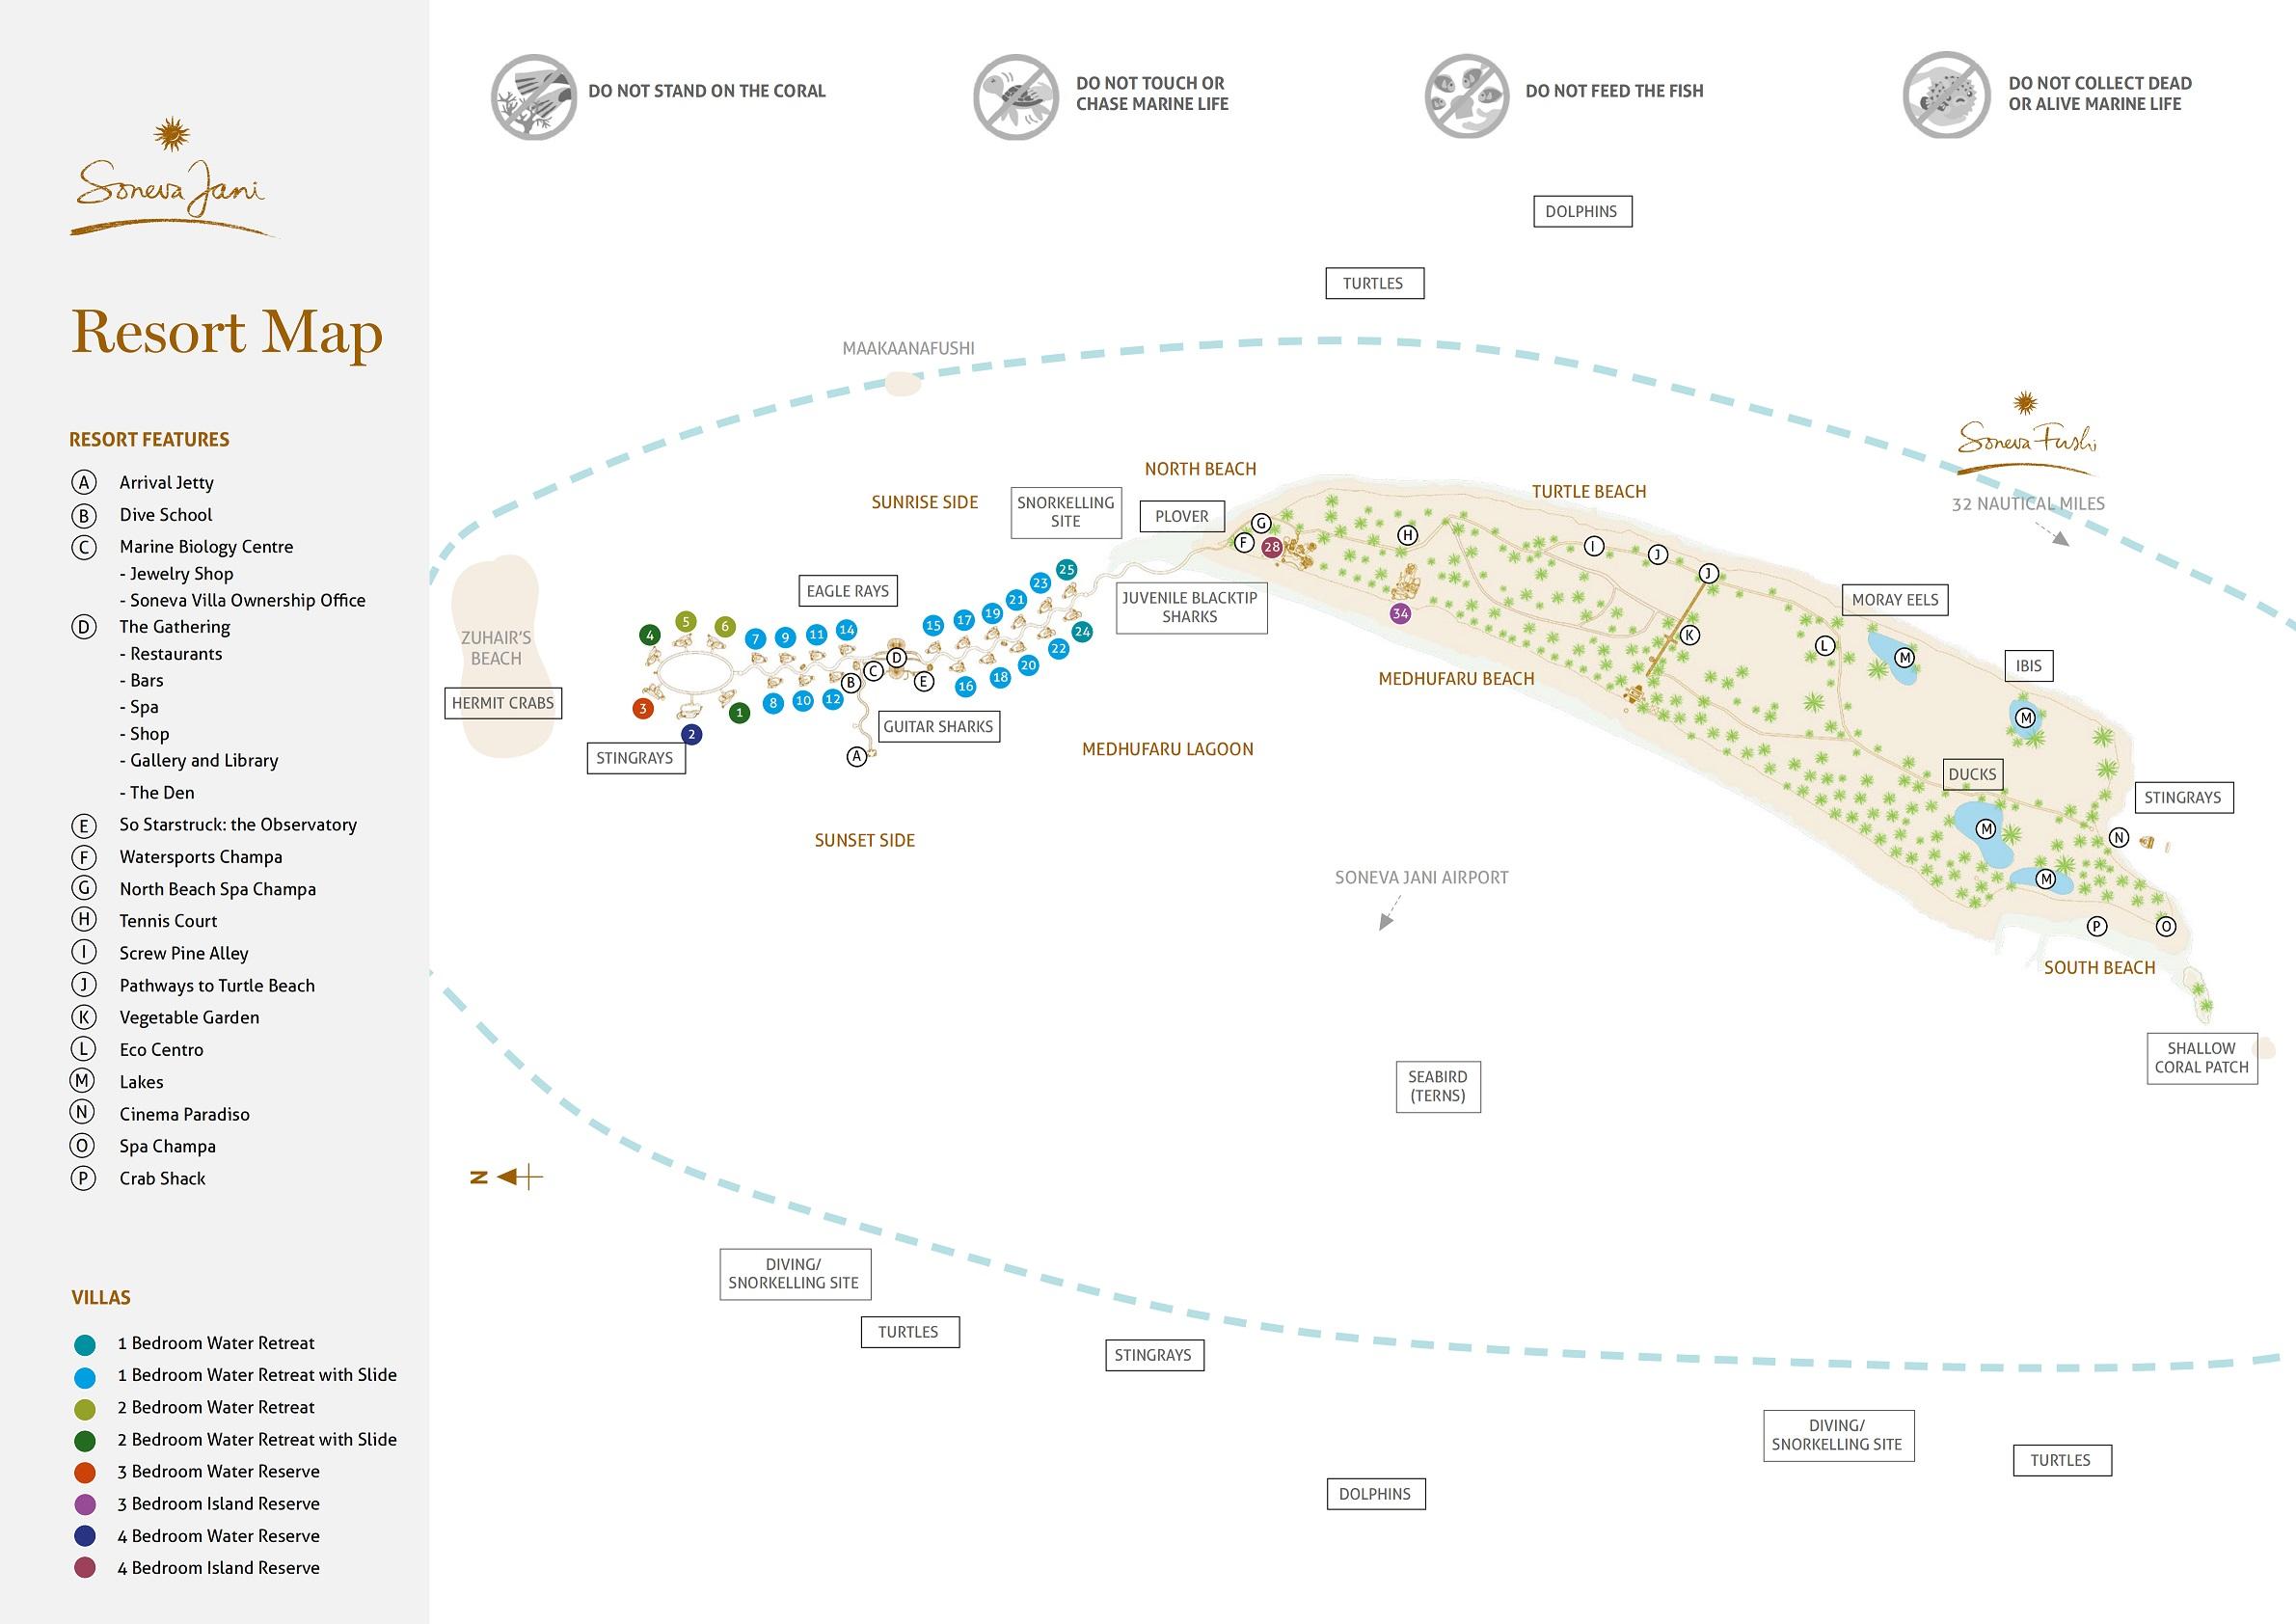 马尔代夫 索尼娃贾尼岛 Soneva Jani 平面地图查看